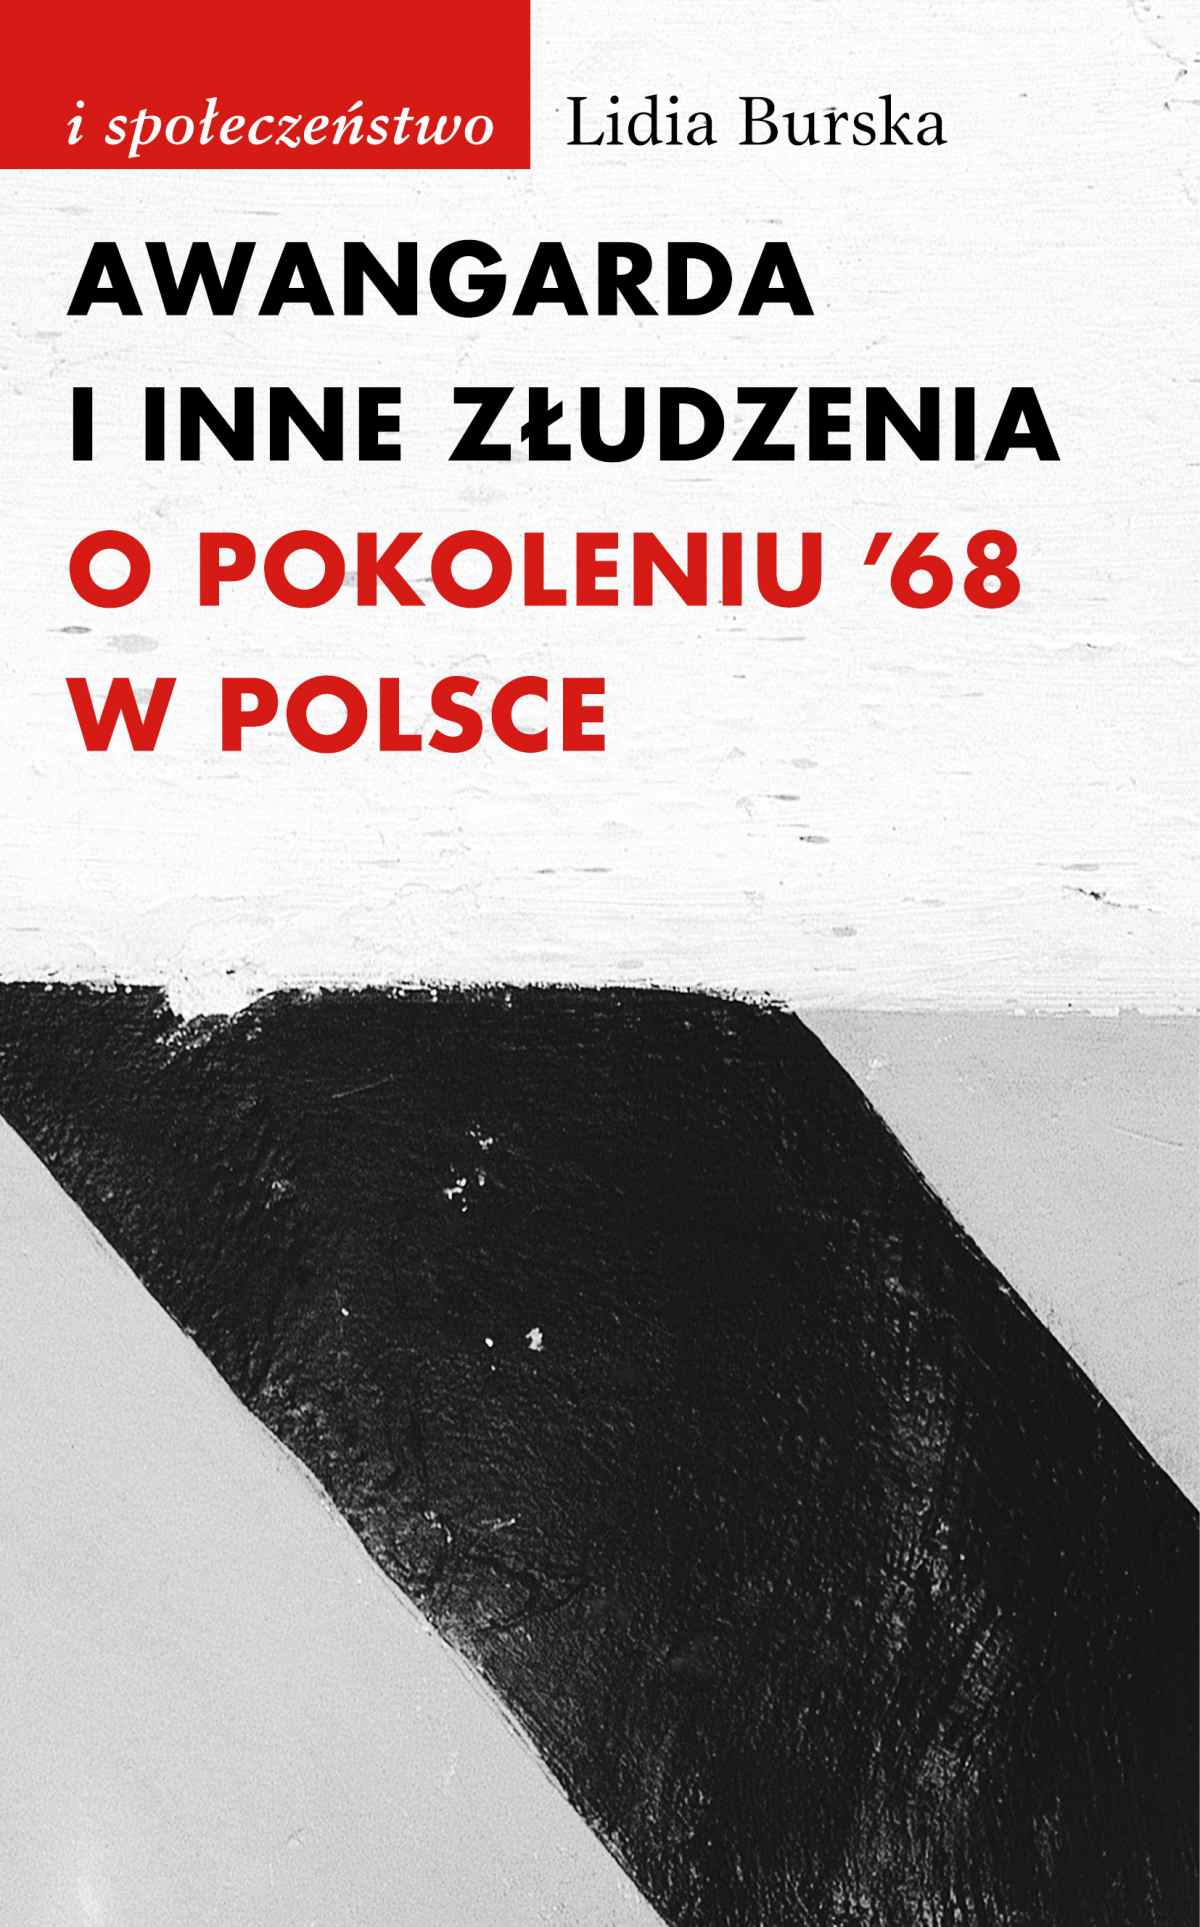 Awangarda i inne złudzenia. O pokoleniu '68 w Polsce - Ebook (Książka EPUB) do pobrania w formacie EPUB